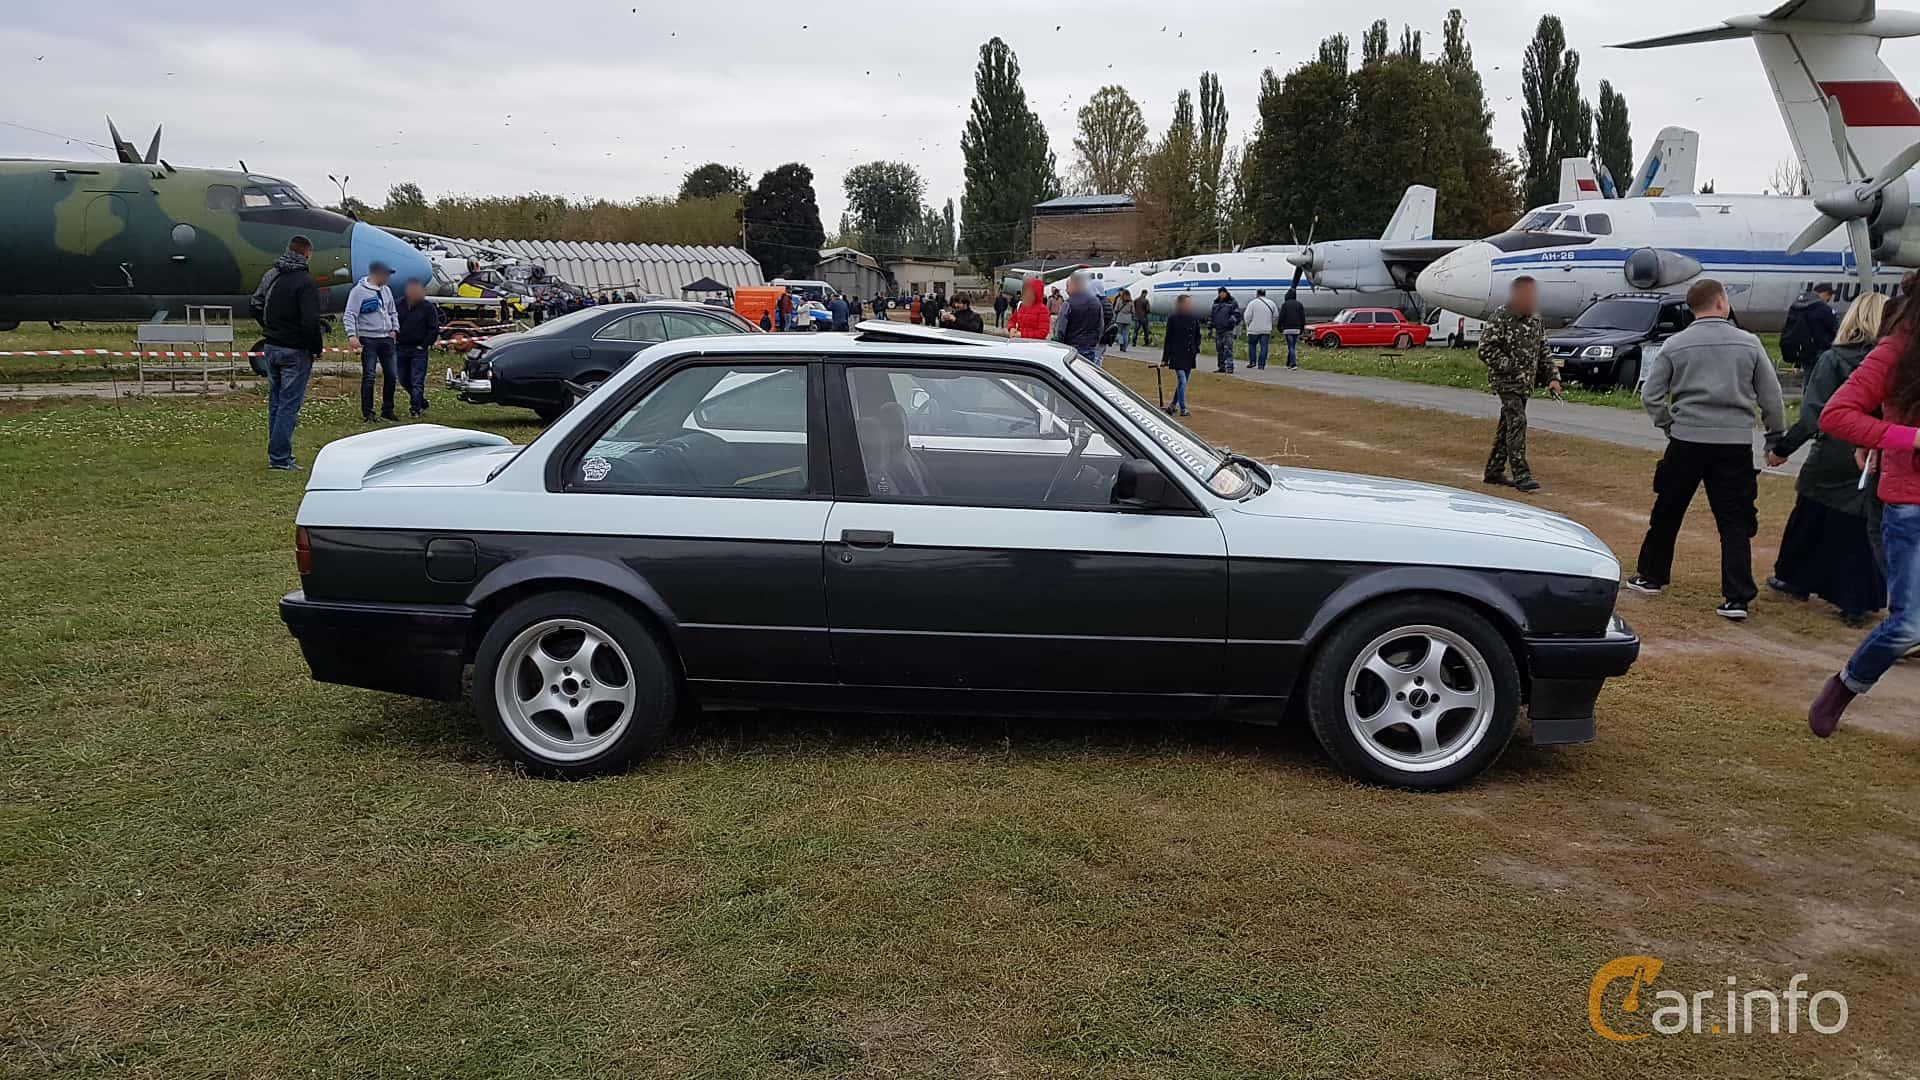 Images Of BMW I Door Sedan Hp By IaninVolodymyr - Bmw 320i 2 door